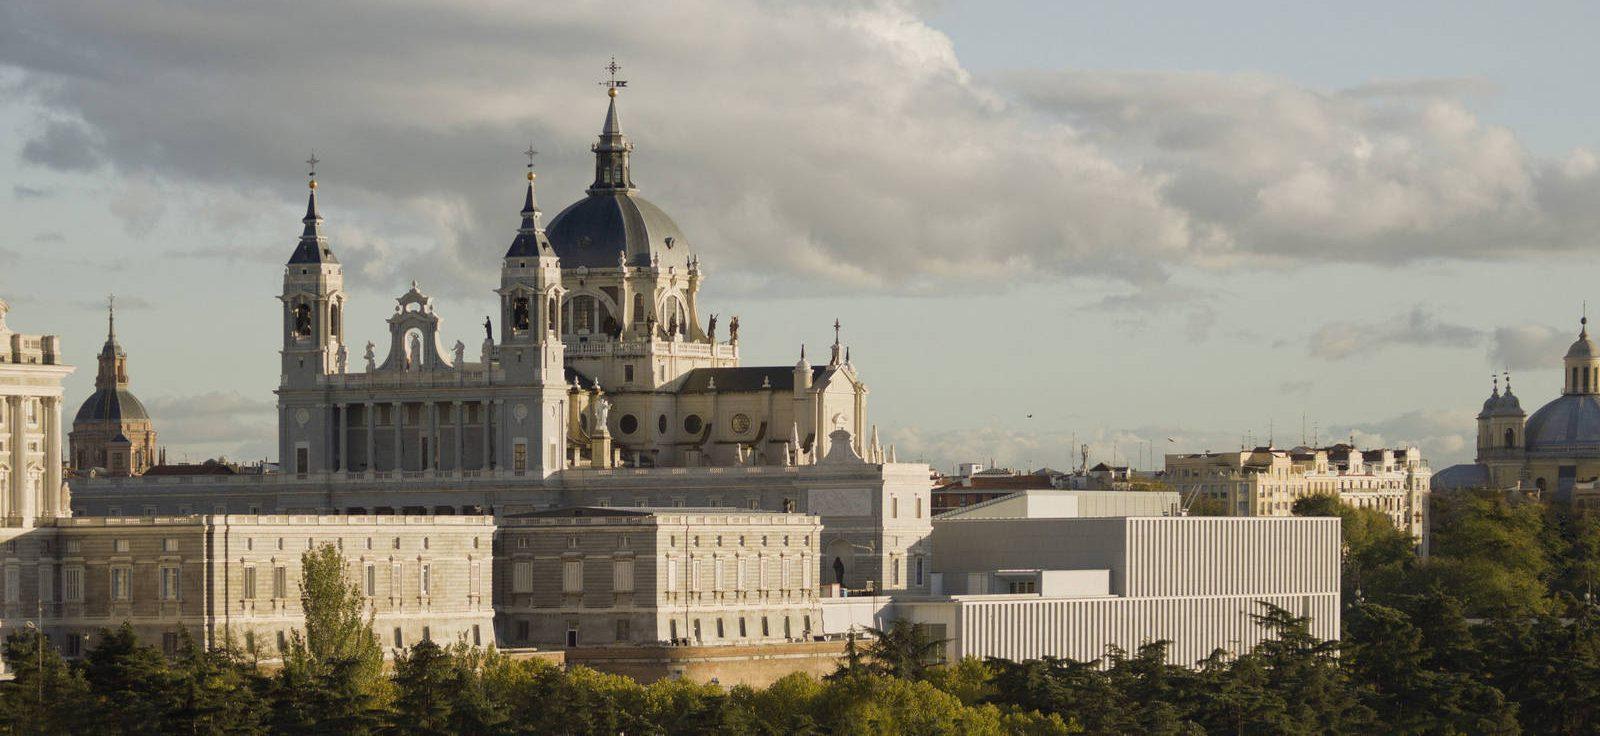 el-museo-de-colecciones-reales-abrira-en-enero-de-2020-como-gran-complejo-cultural